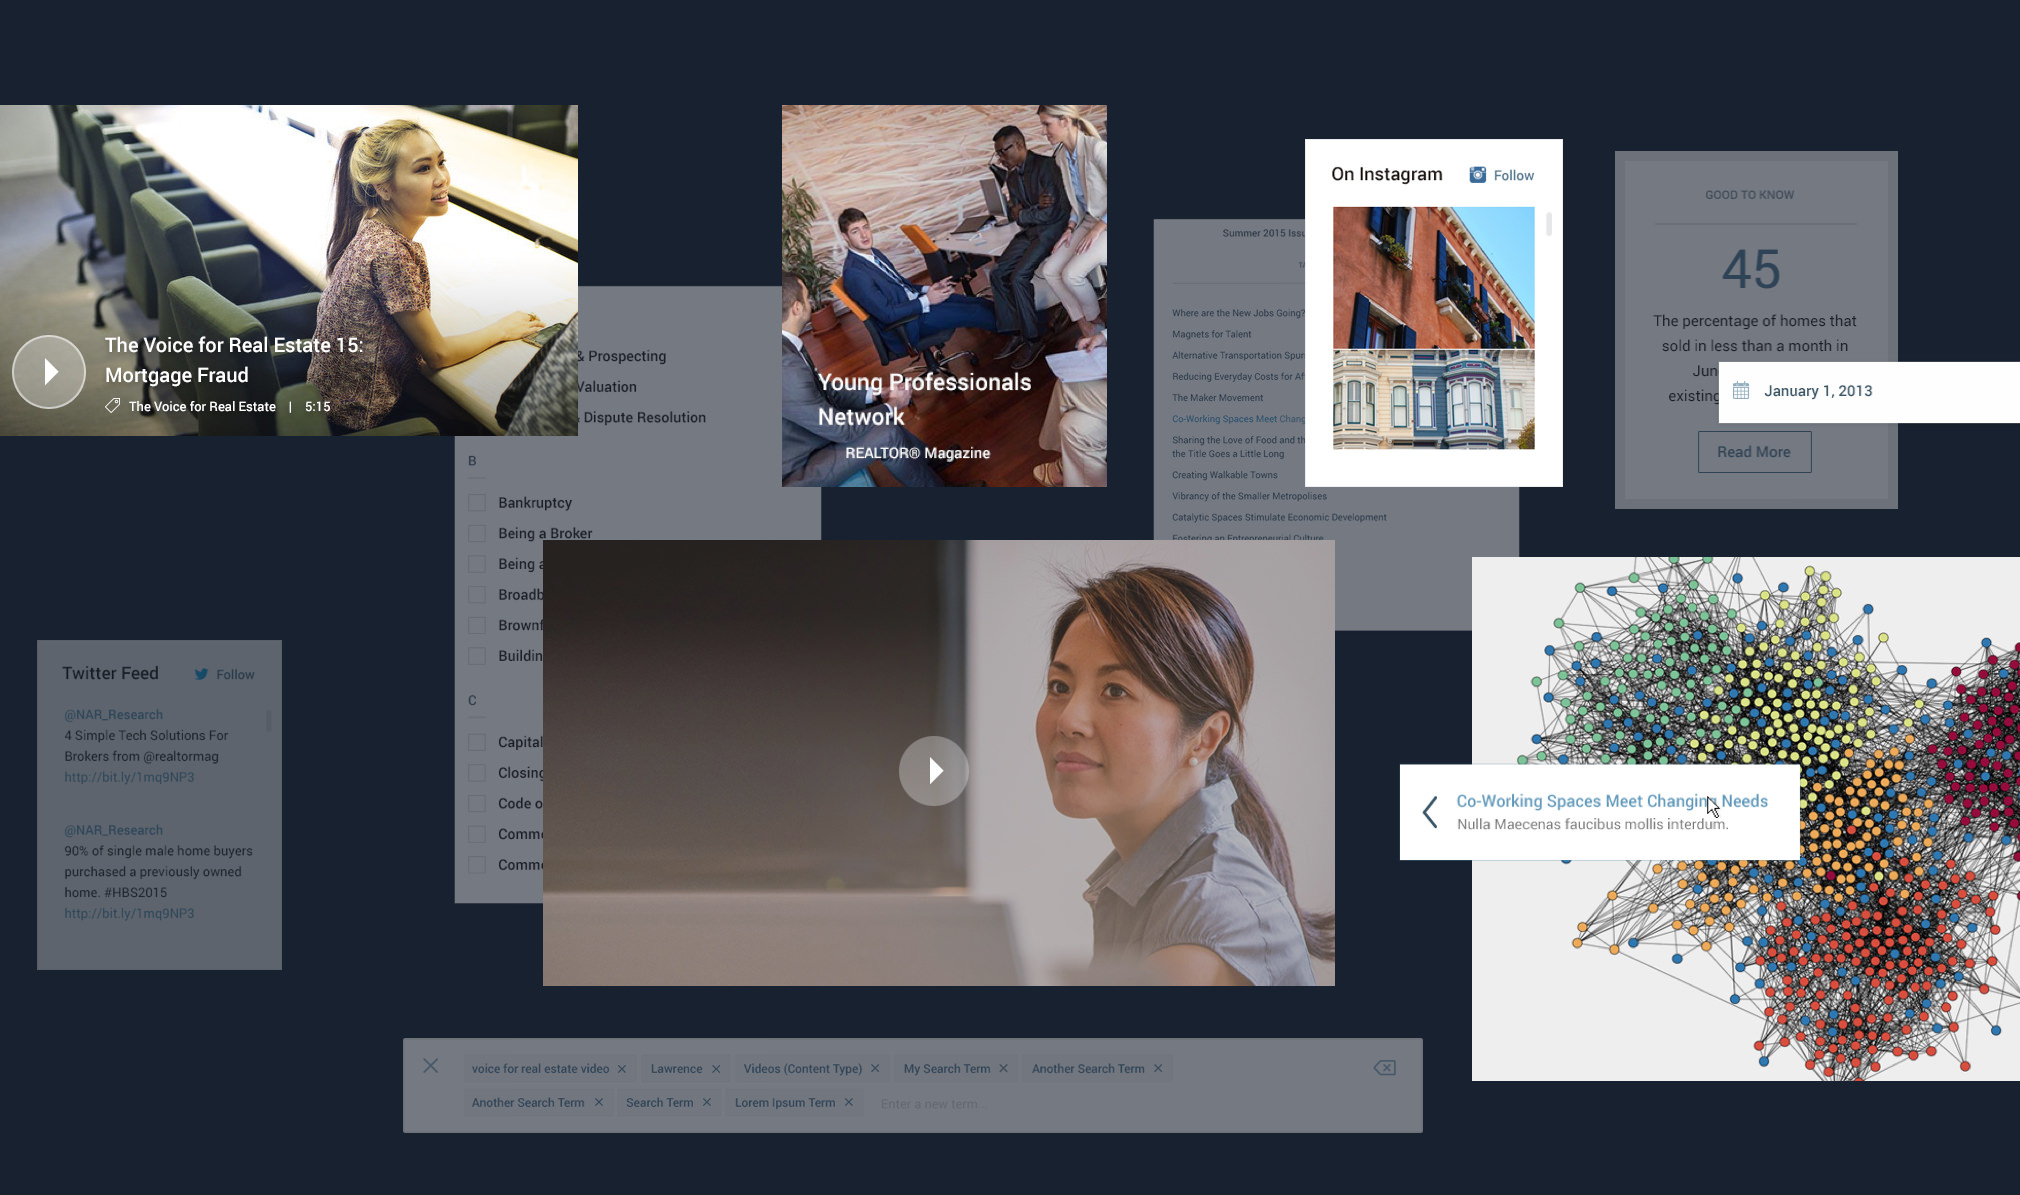 National Association of Realtors design details